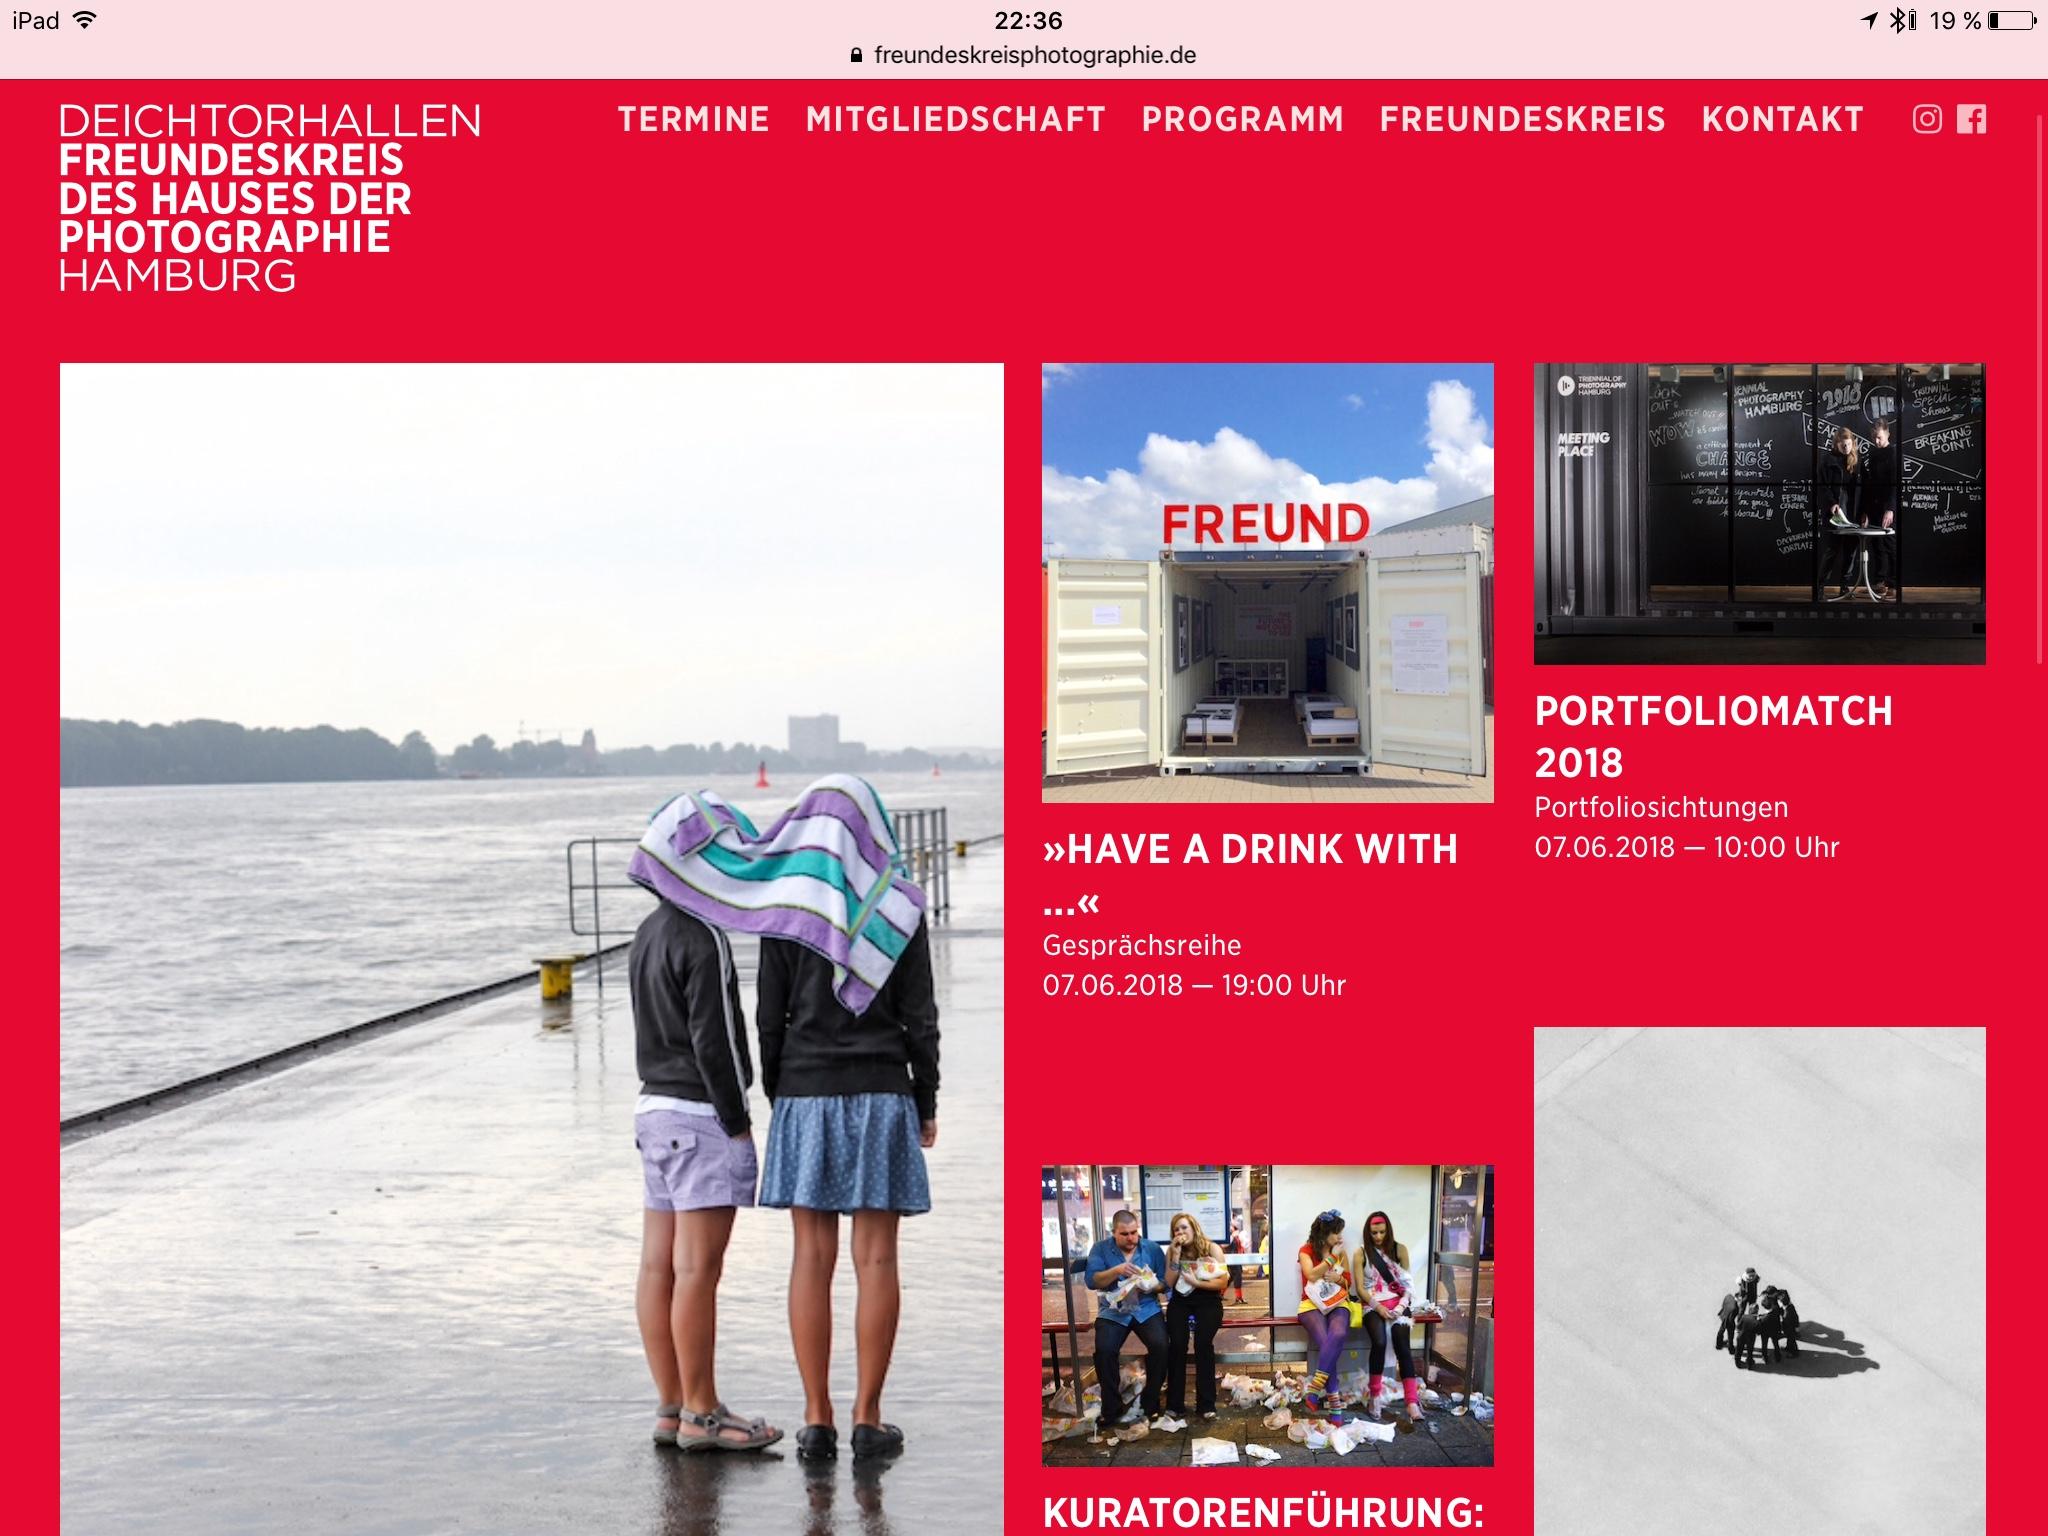 Freundeskreis des Hauses der Photographie – Homepage